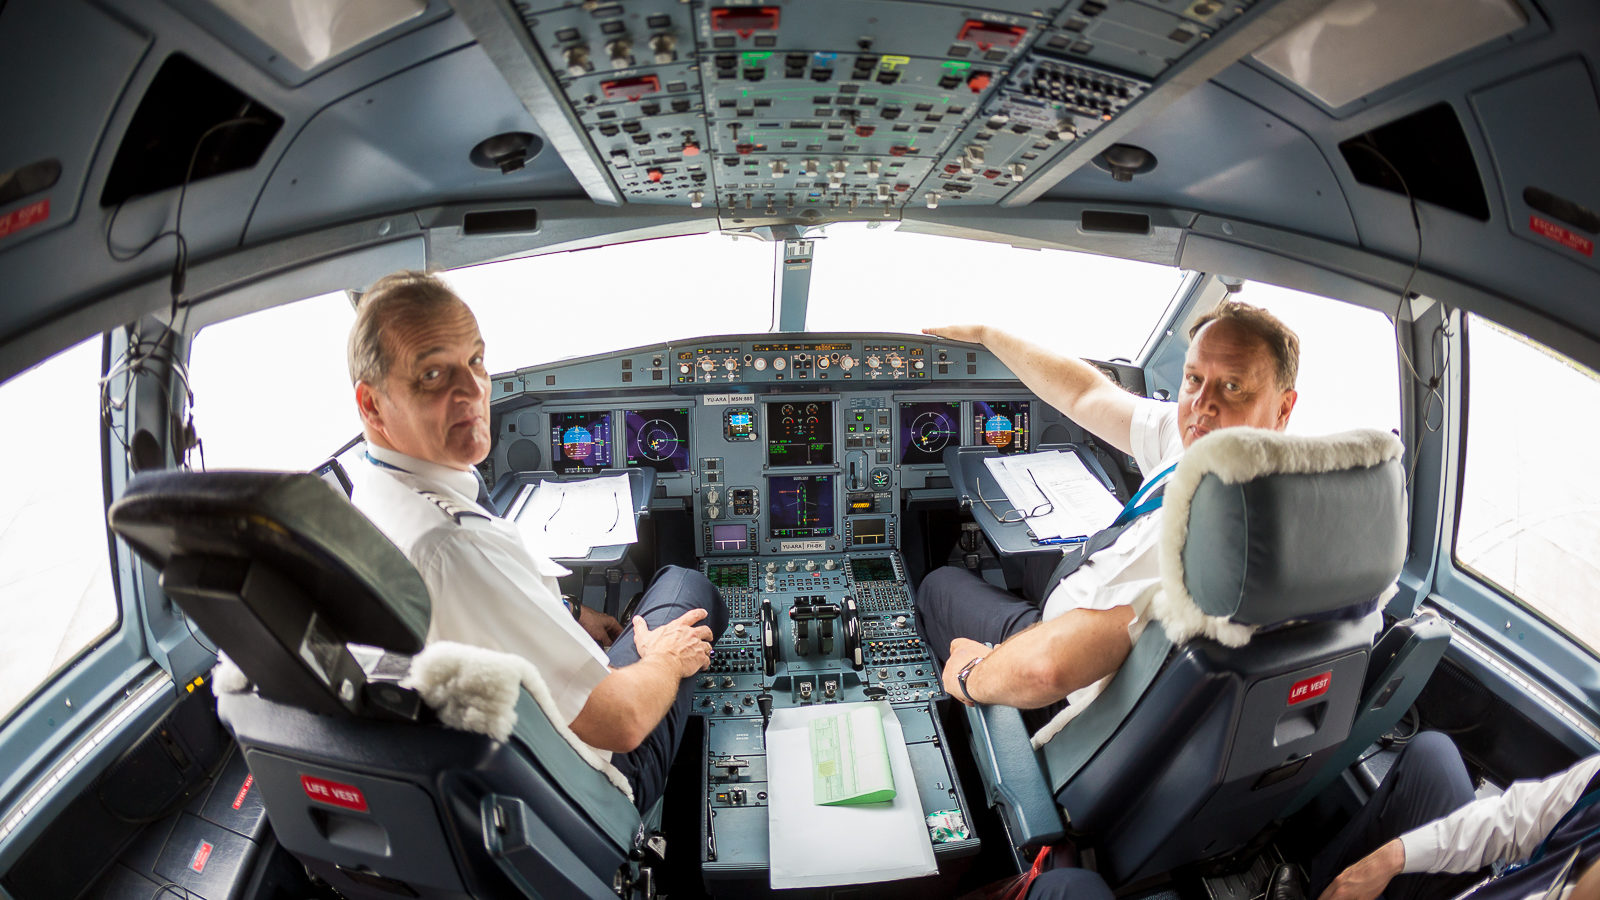 Leteli smo Erbasom A330 do Zagreba: Šta čeka putnike u najvećem avionu Er Srbije